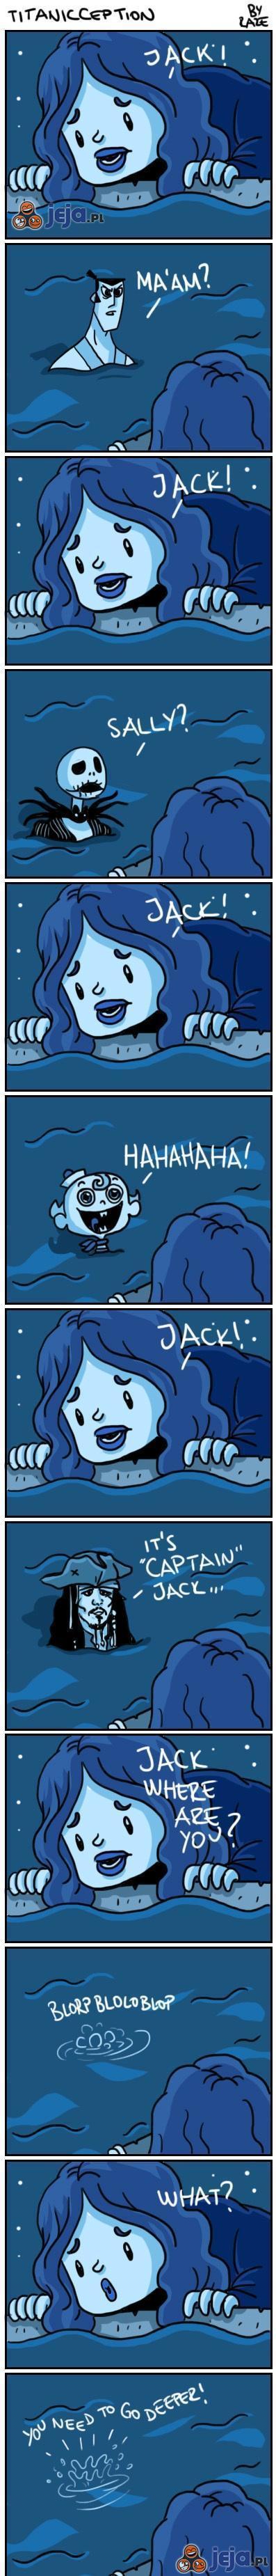 Titaniccepcja